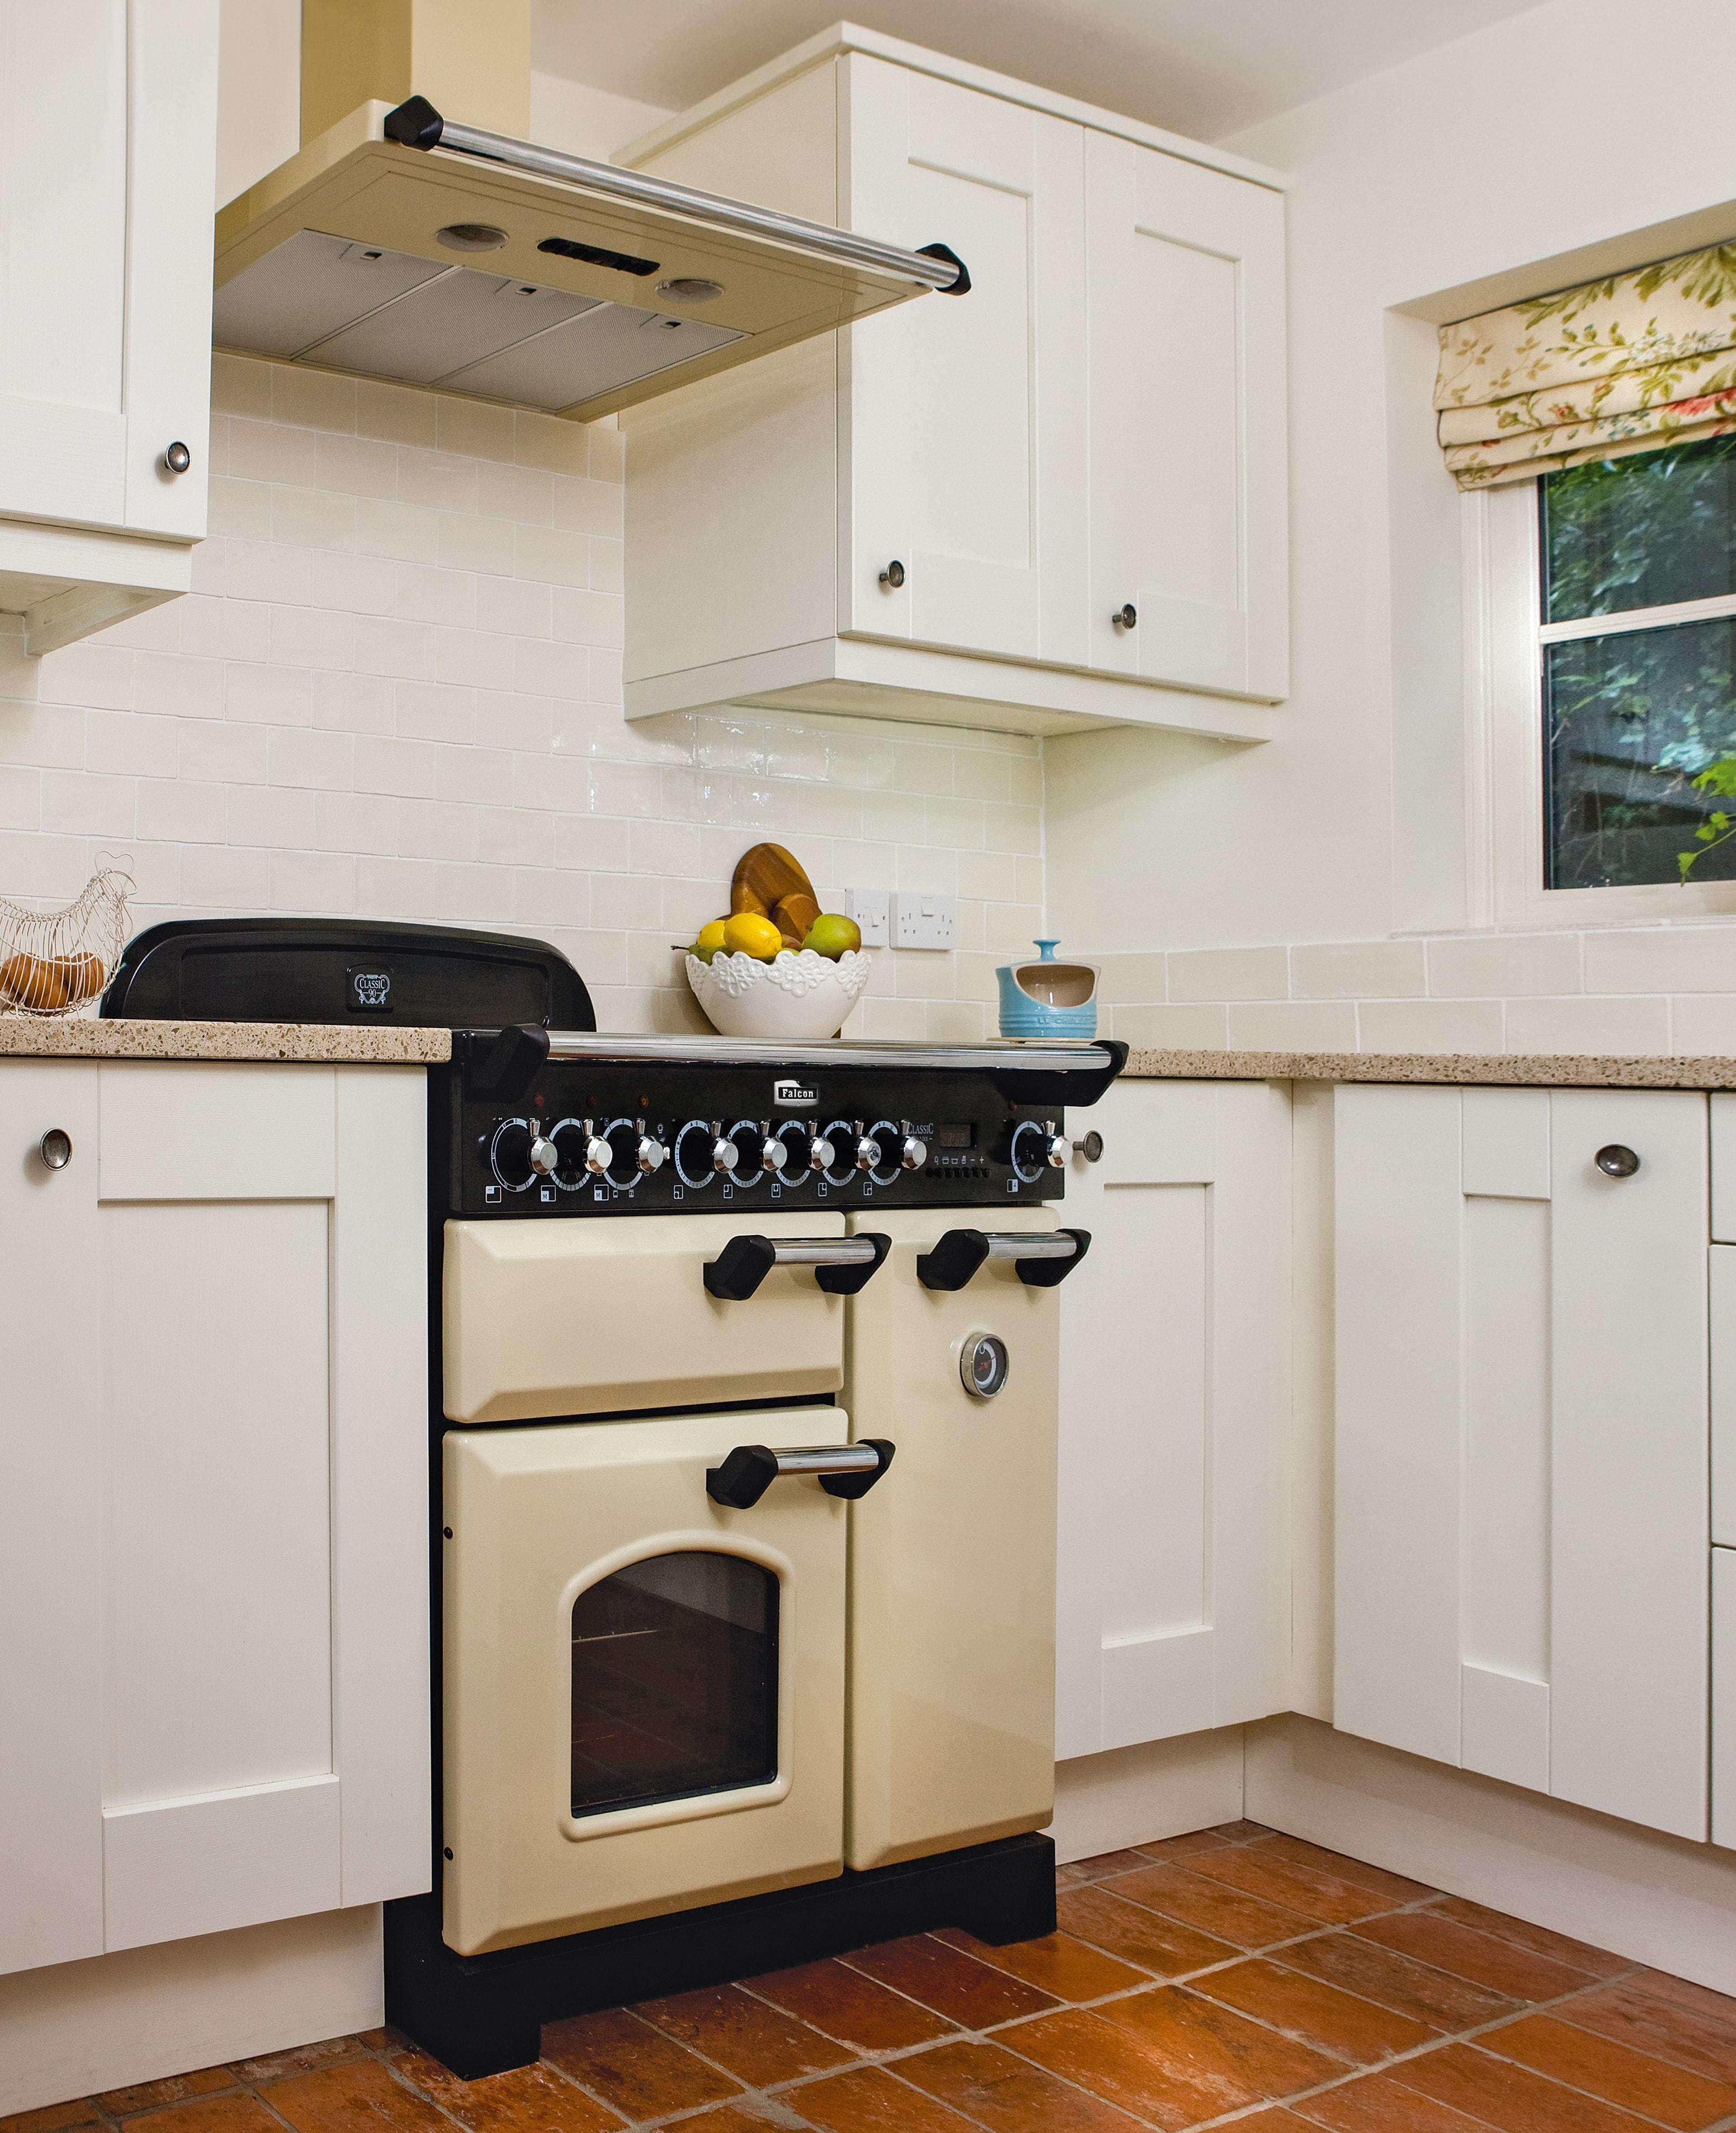 Küchenraumteiler • Bilder & Ideen • COUCHstyle